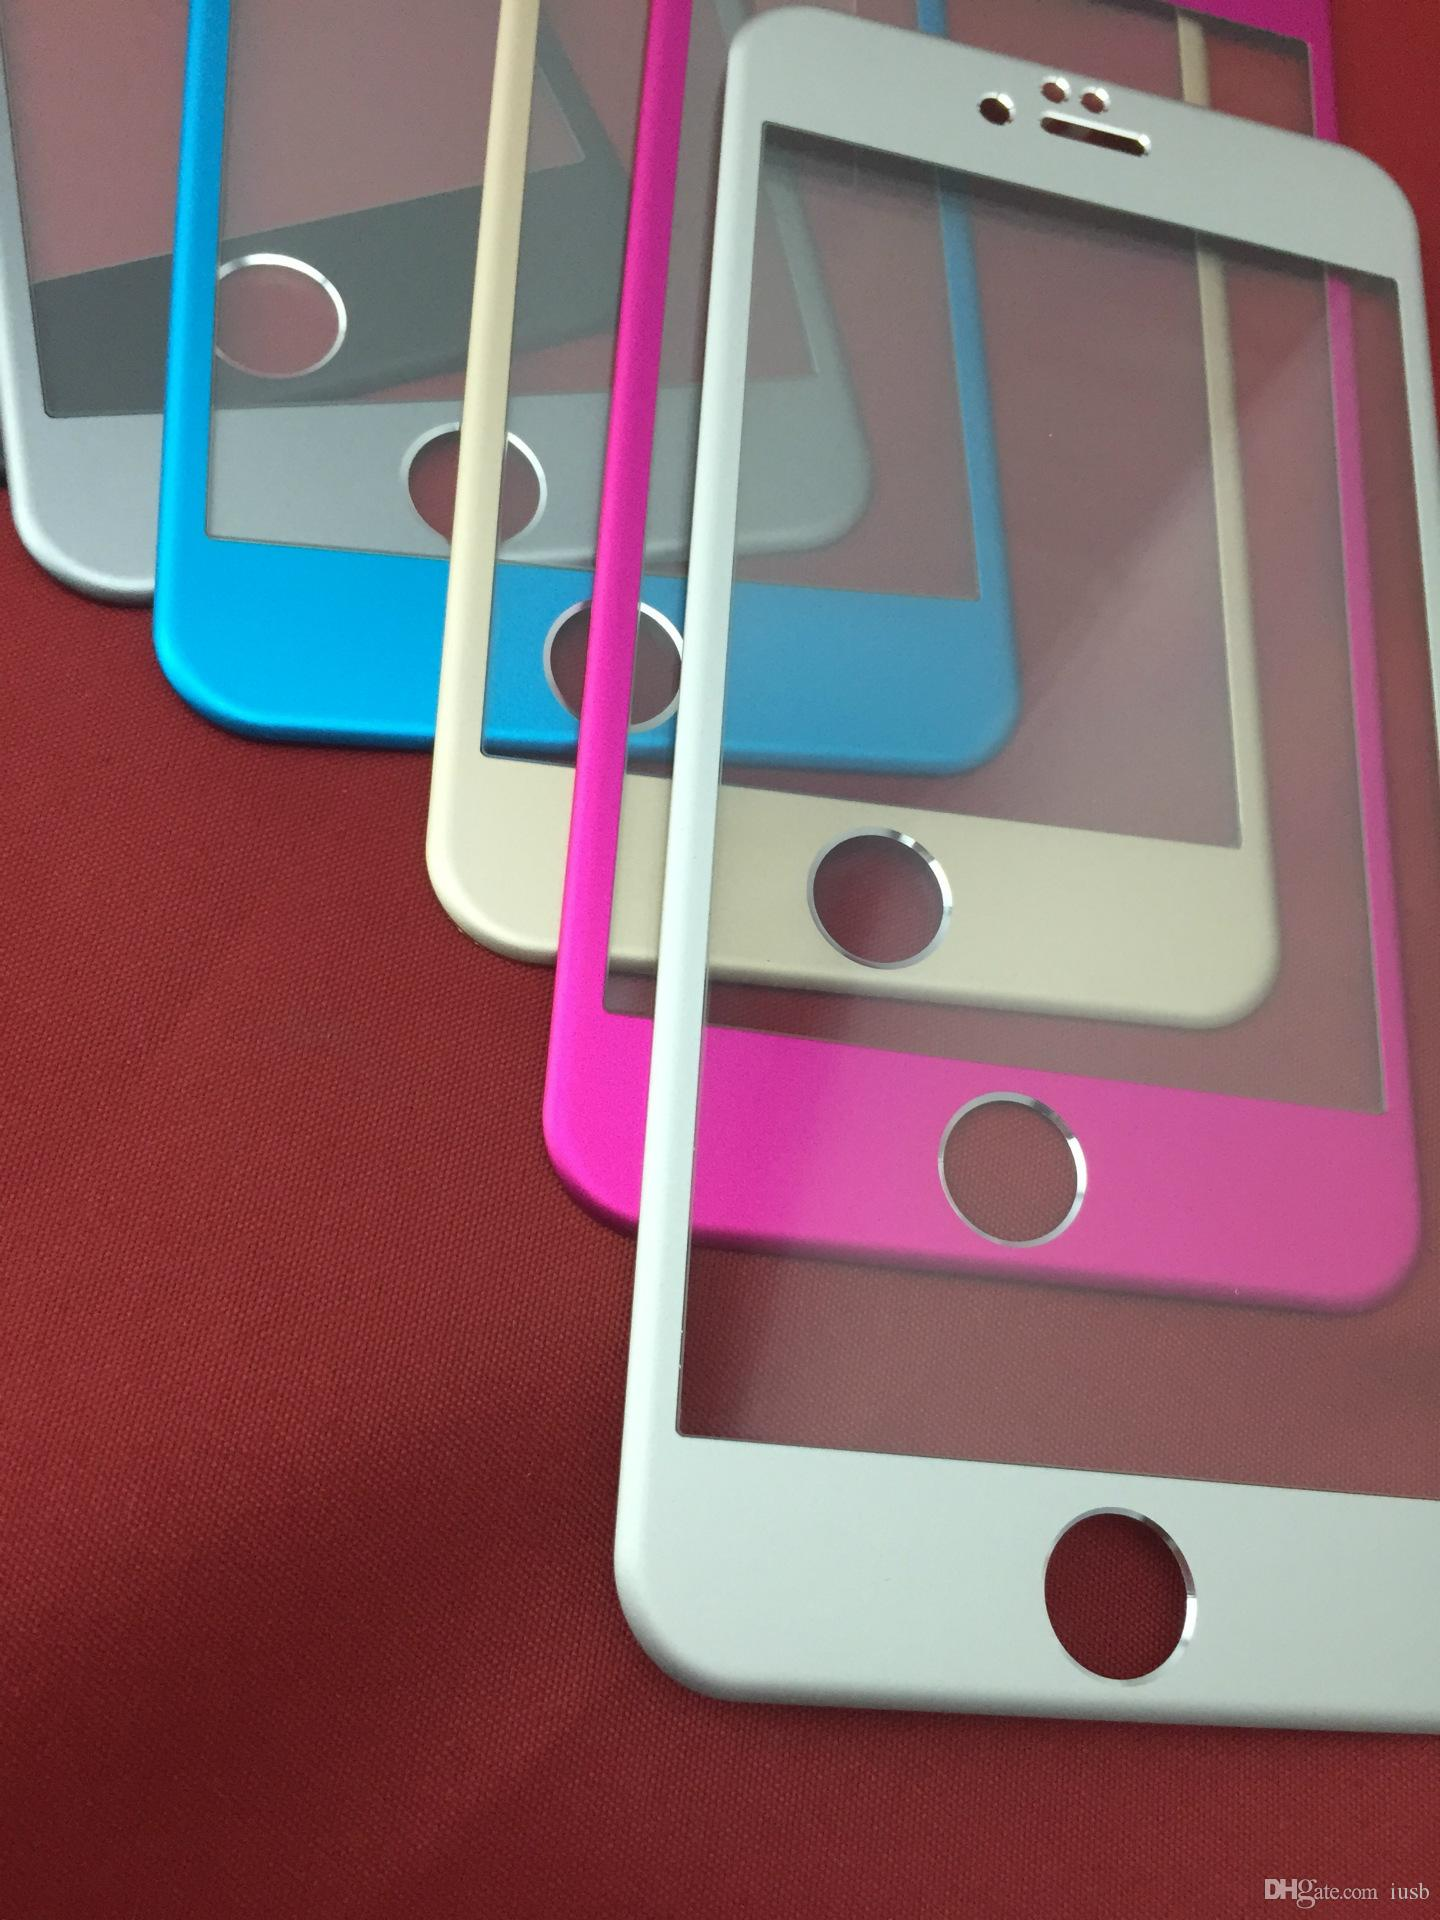 3D gebogene Abdeckung Titanlegierung 9H 0.3mm ausgeglichener Schirm-Glasschirm-Schutz für iPhone 6 iphone 6 plus Schirm-Schutz